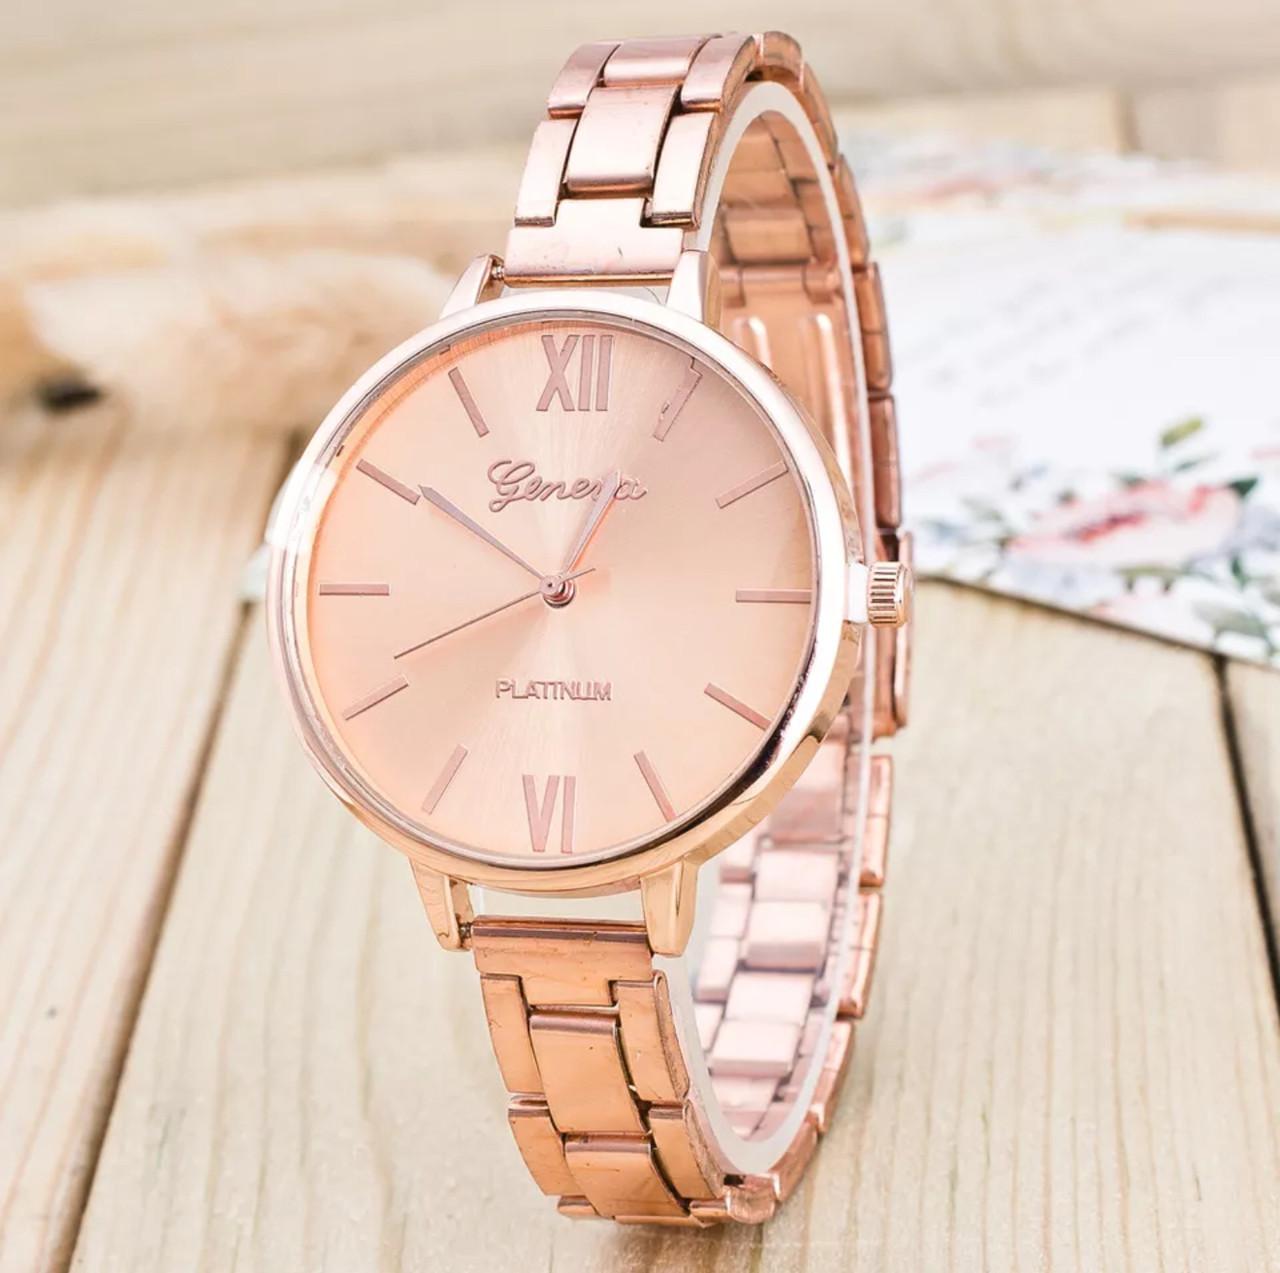 Женские наручные часы с металлическим браслетом «Geneva» (rose gold)